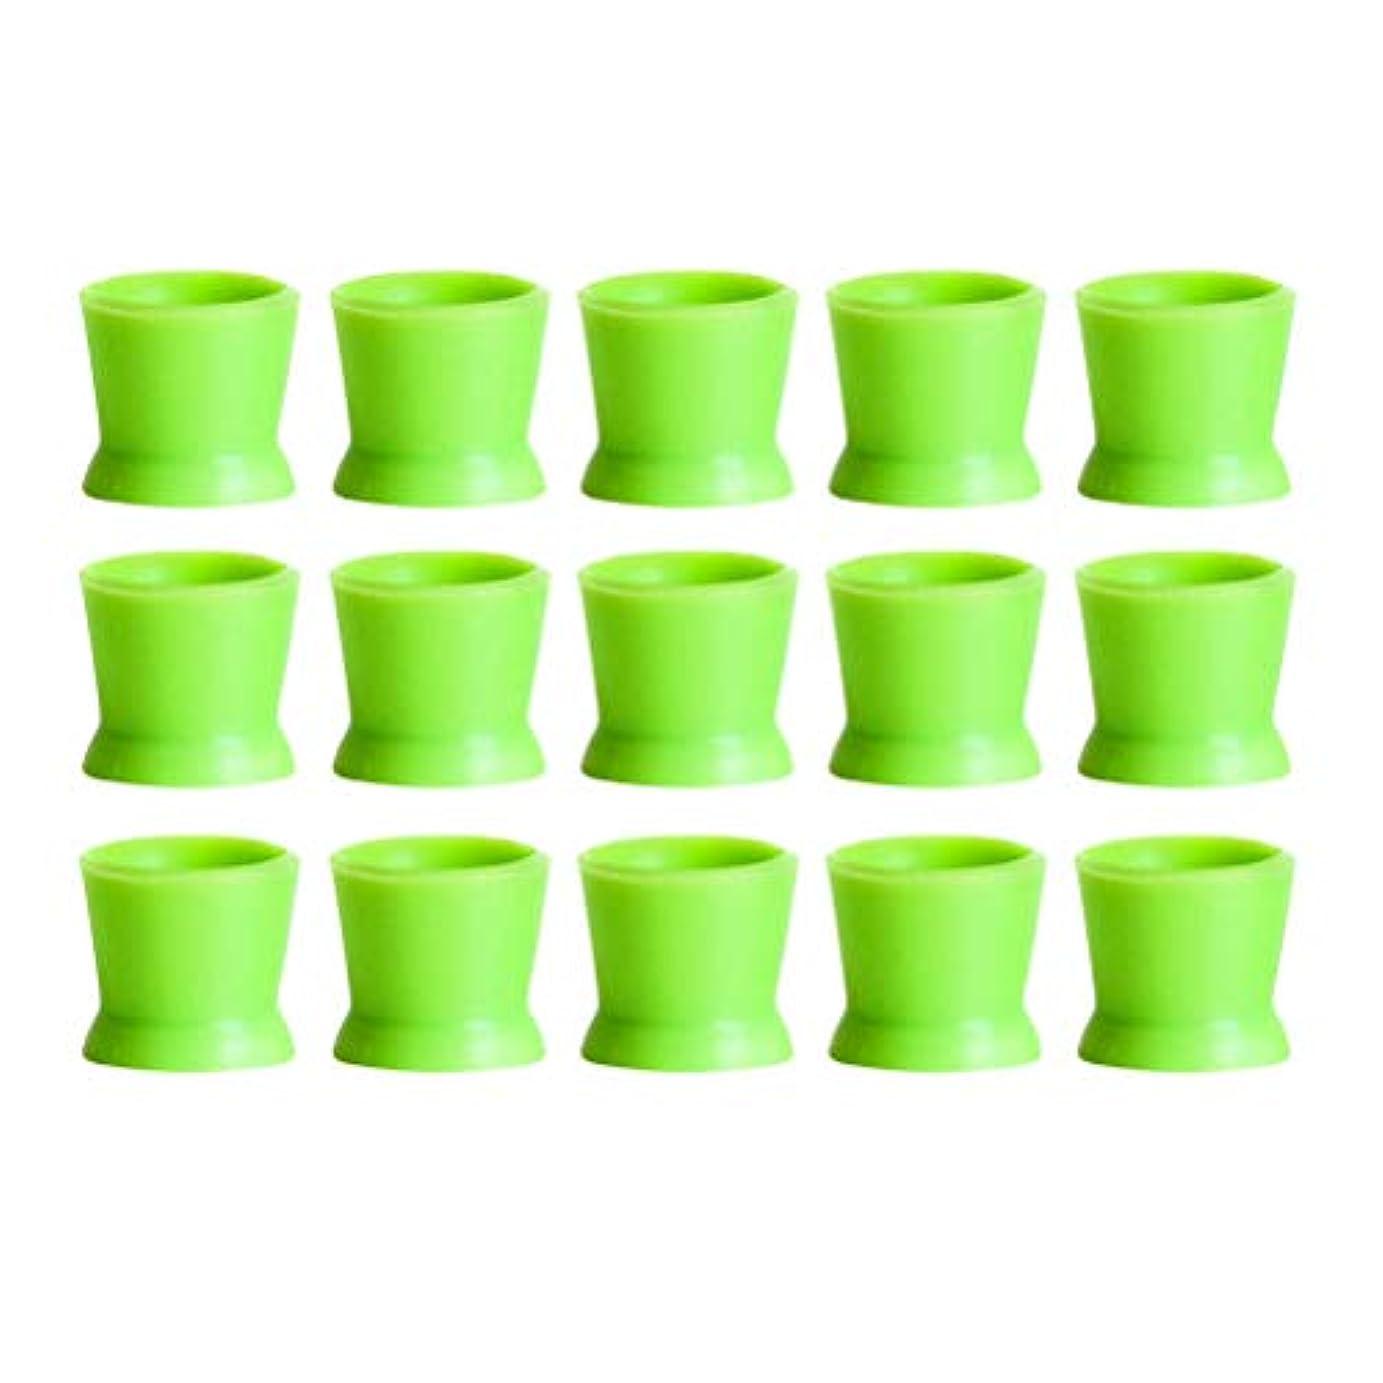 インゲン著作権王室Healifty 300PCSシリコンタトゥーインクカップ使い捨てマイクロブレーディングピグメントキャップホルダーコンテナ永久的なまつげメイクアップアイブロー(グリーン)